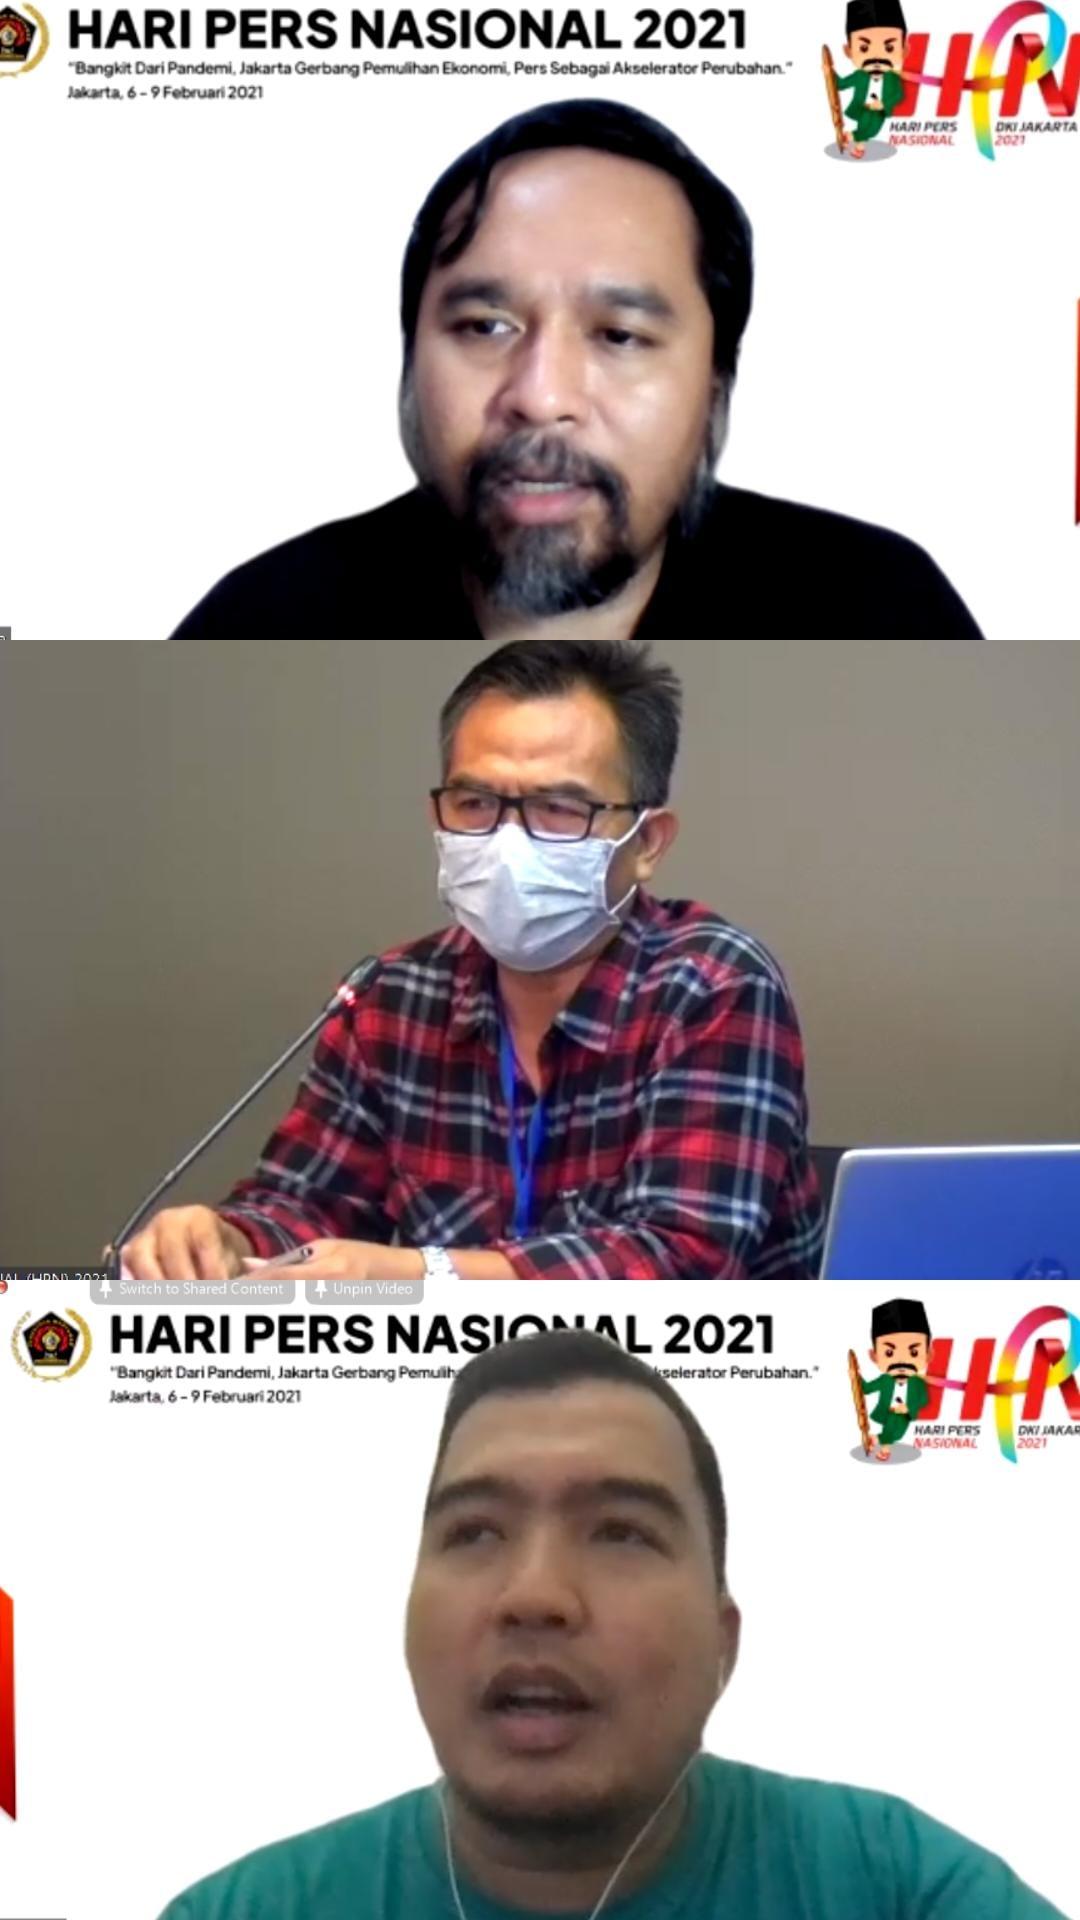 Jelang Hari Pers Nasional, PWI Pusat Gelar Webinar Literasi Digital